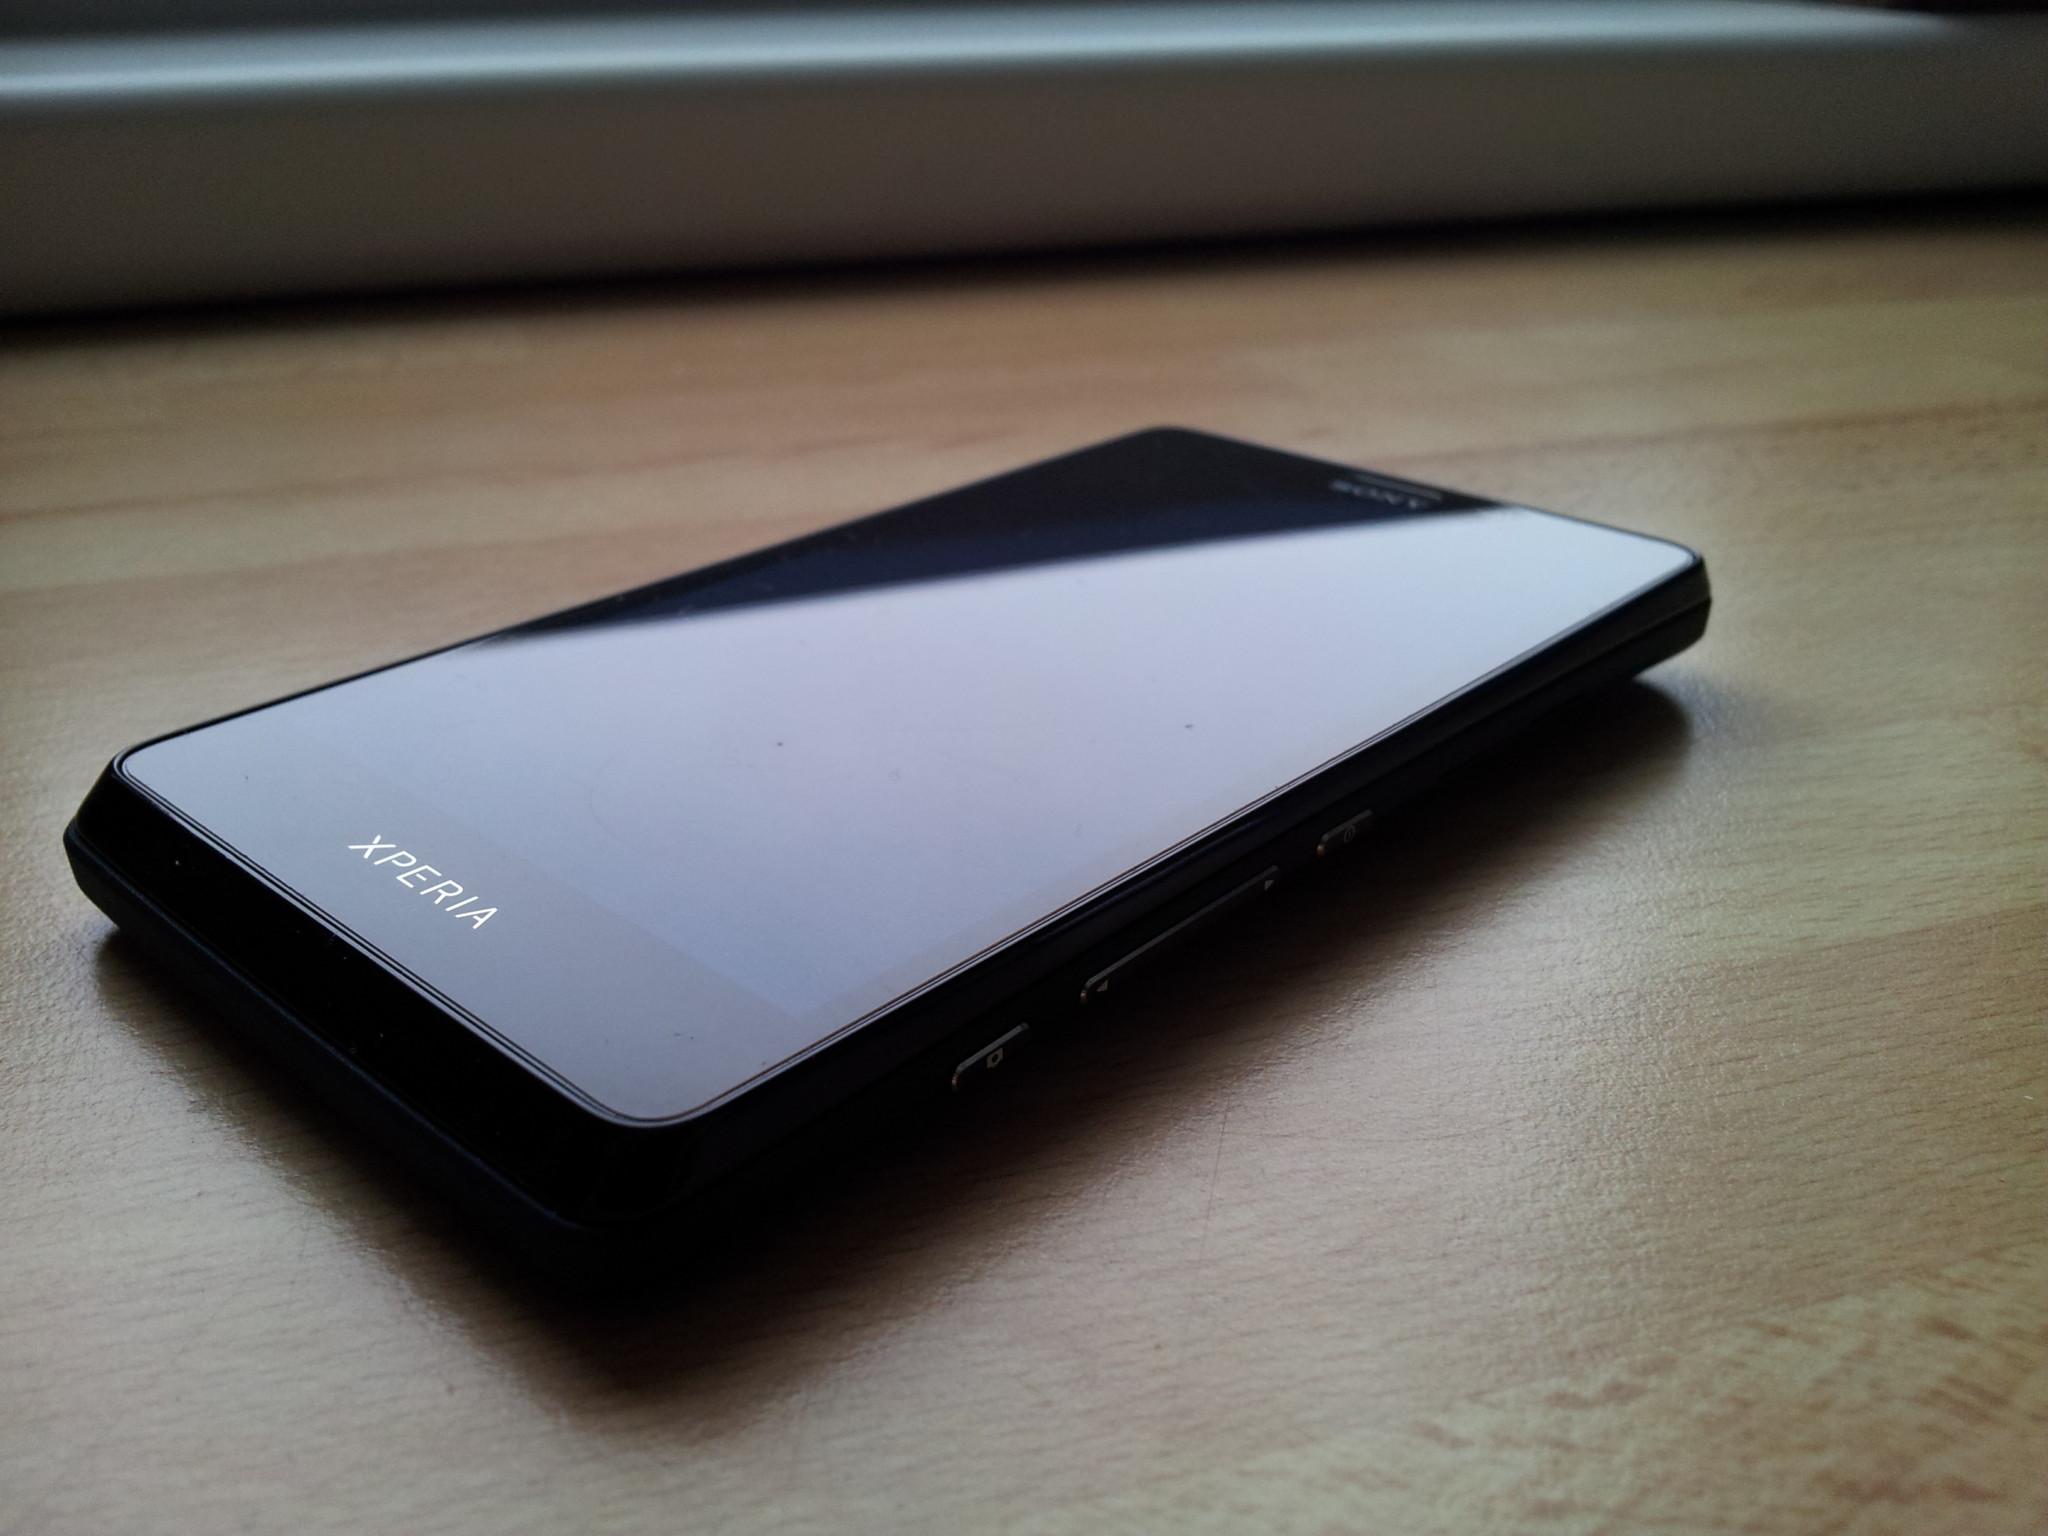 Sony Xperia T dostává Jelly Bean, Q již aktualizuje pro Bonda!